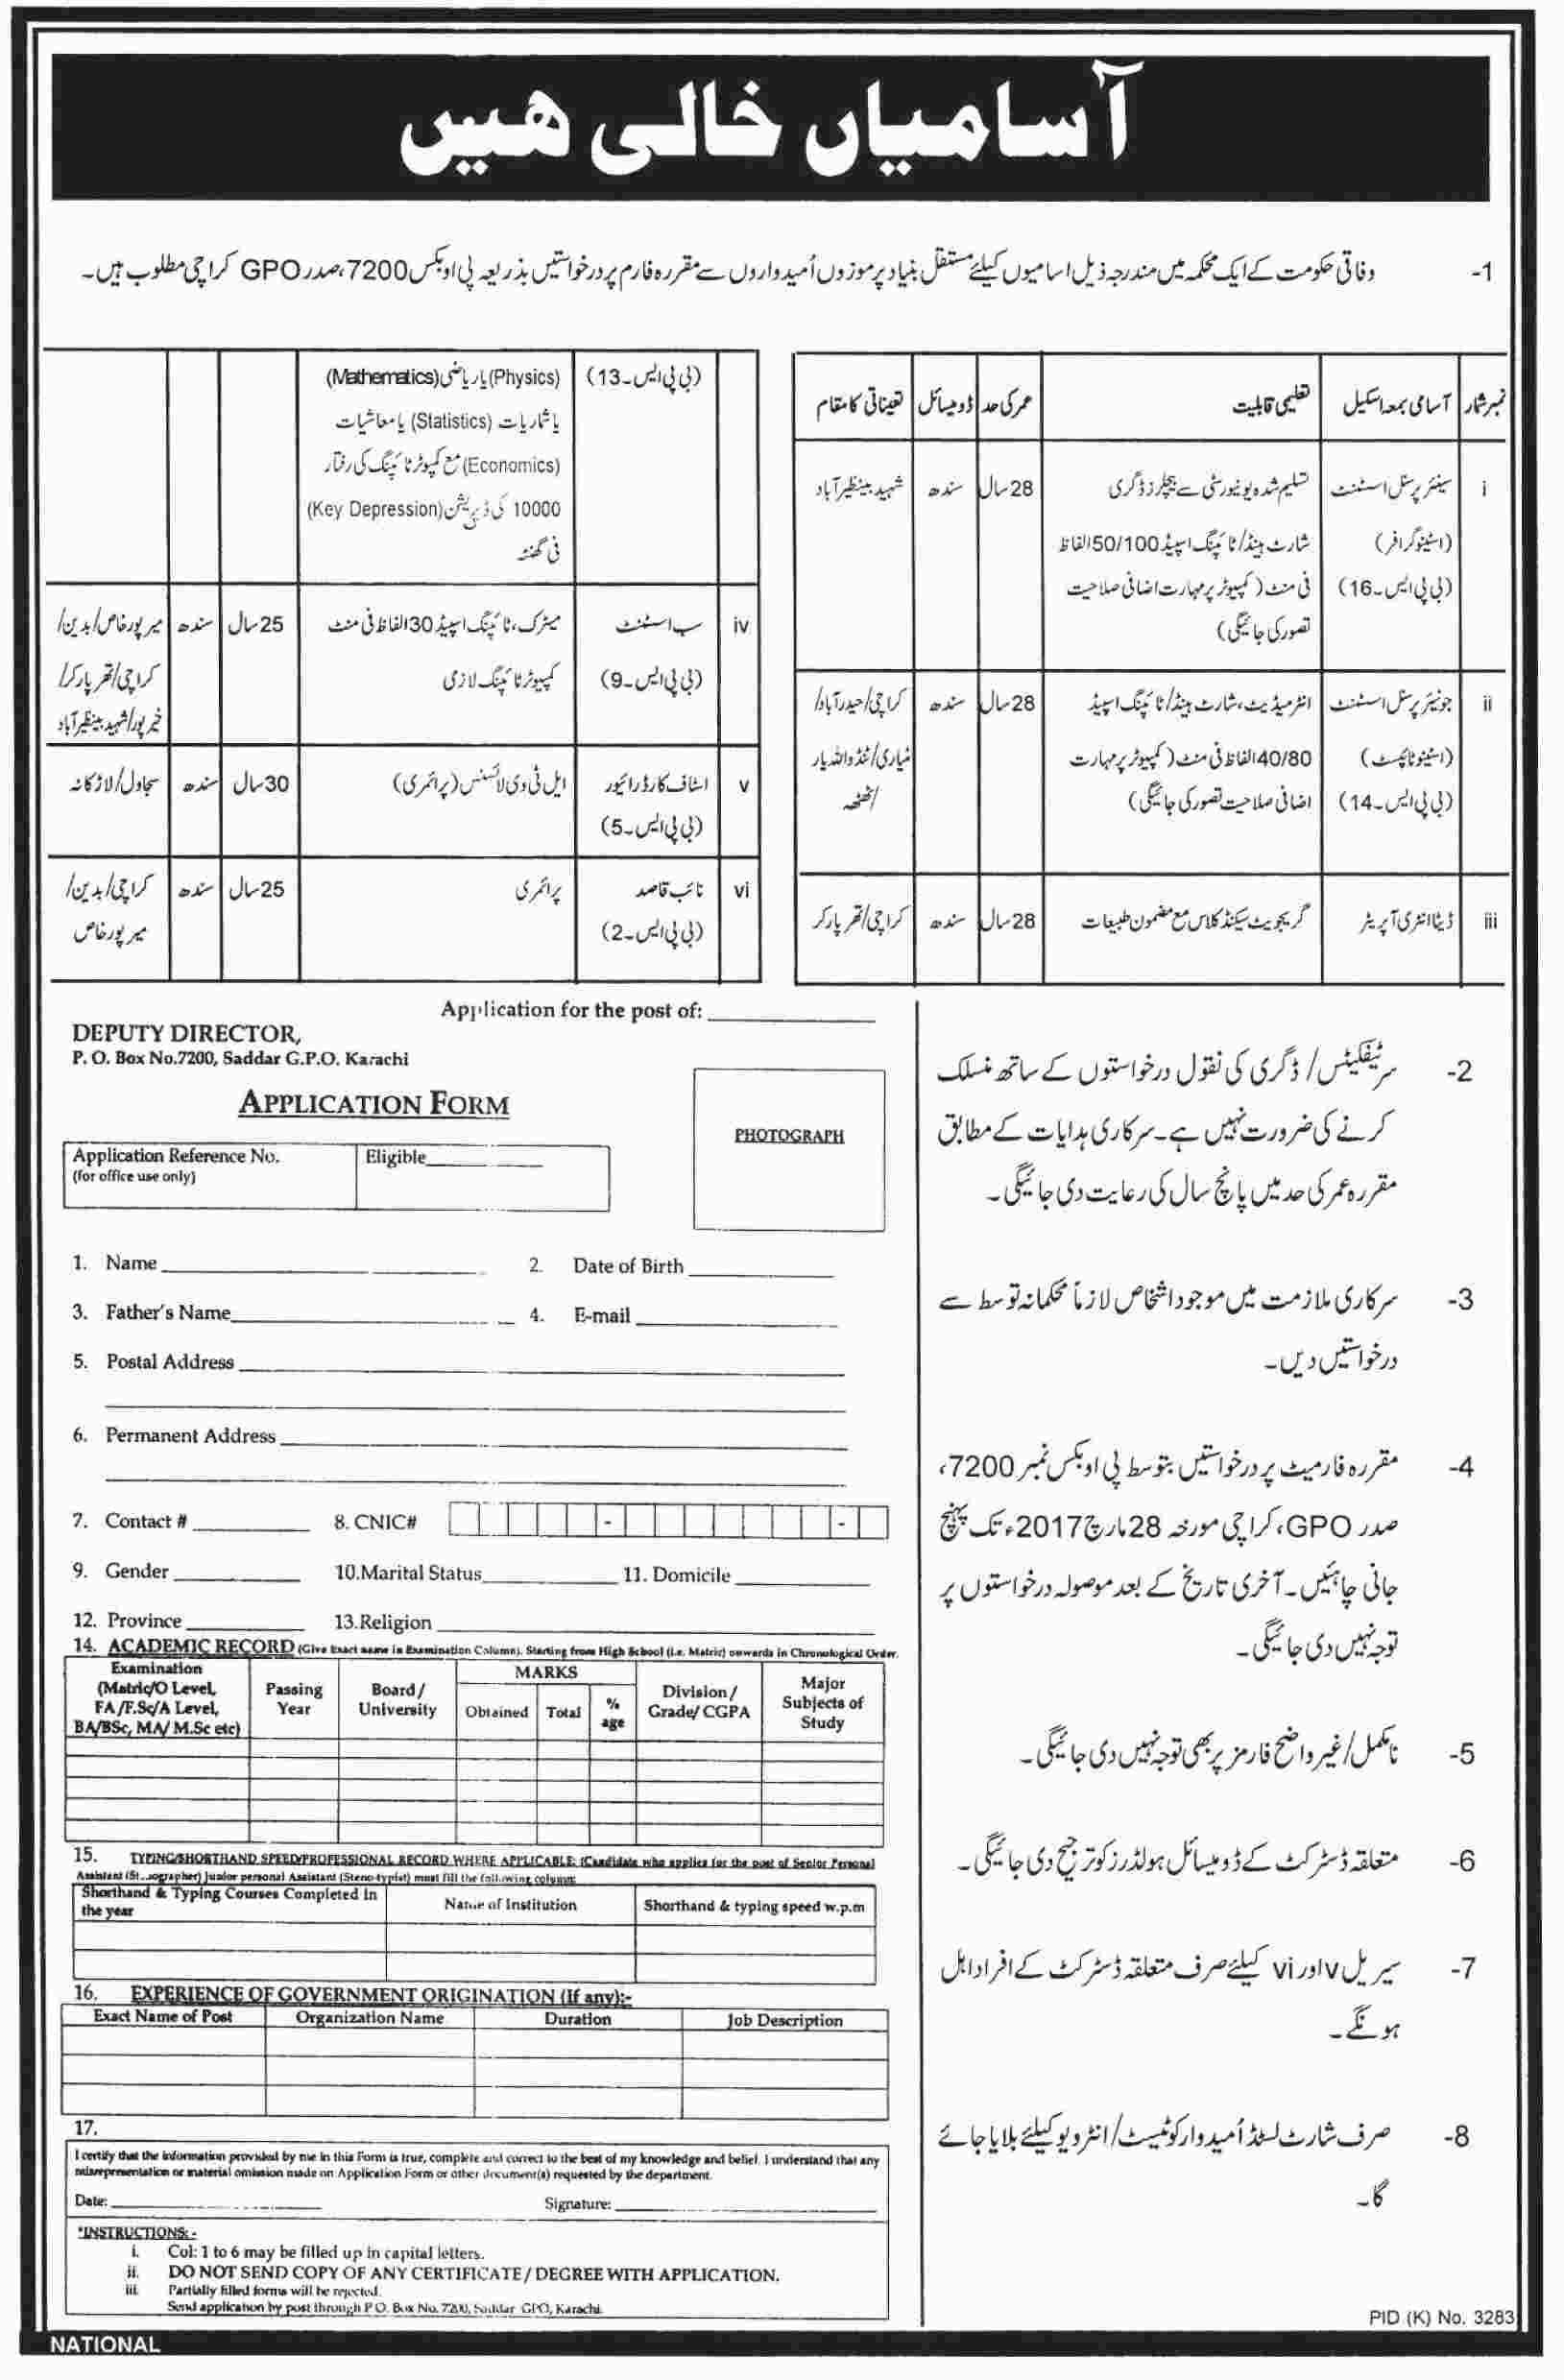 Karachi Jobs 2017 PO Box No 7200 GPO Karachi